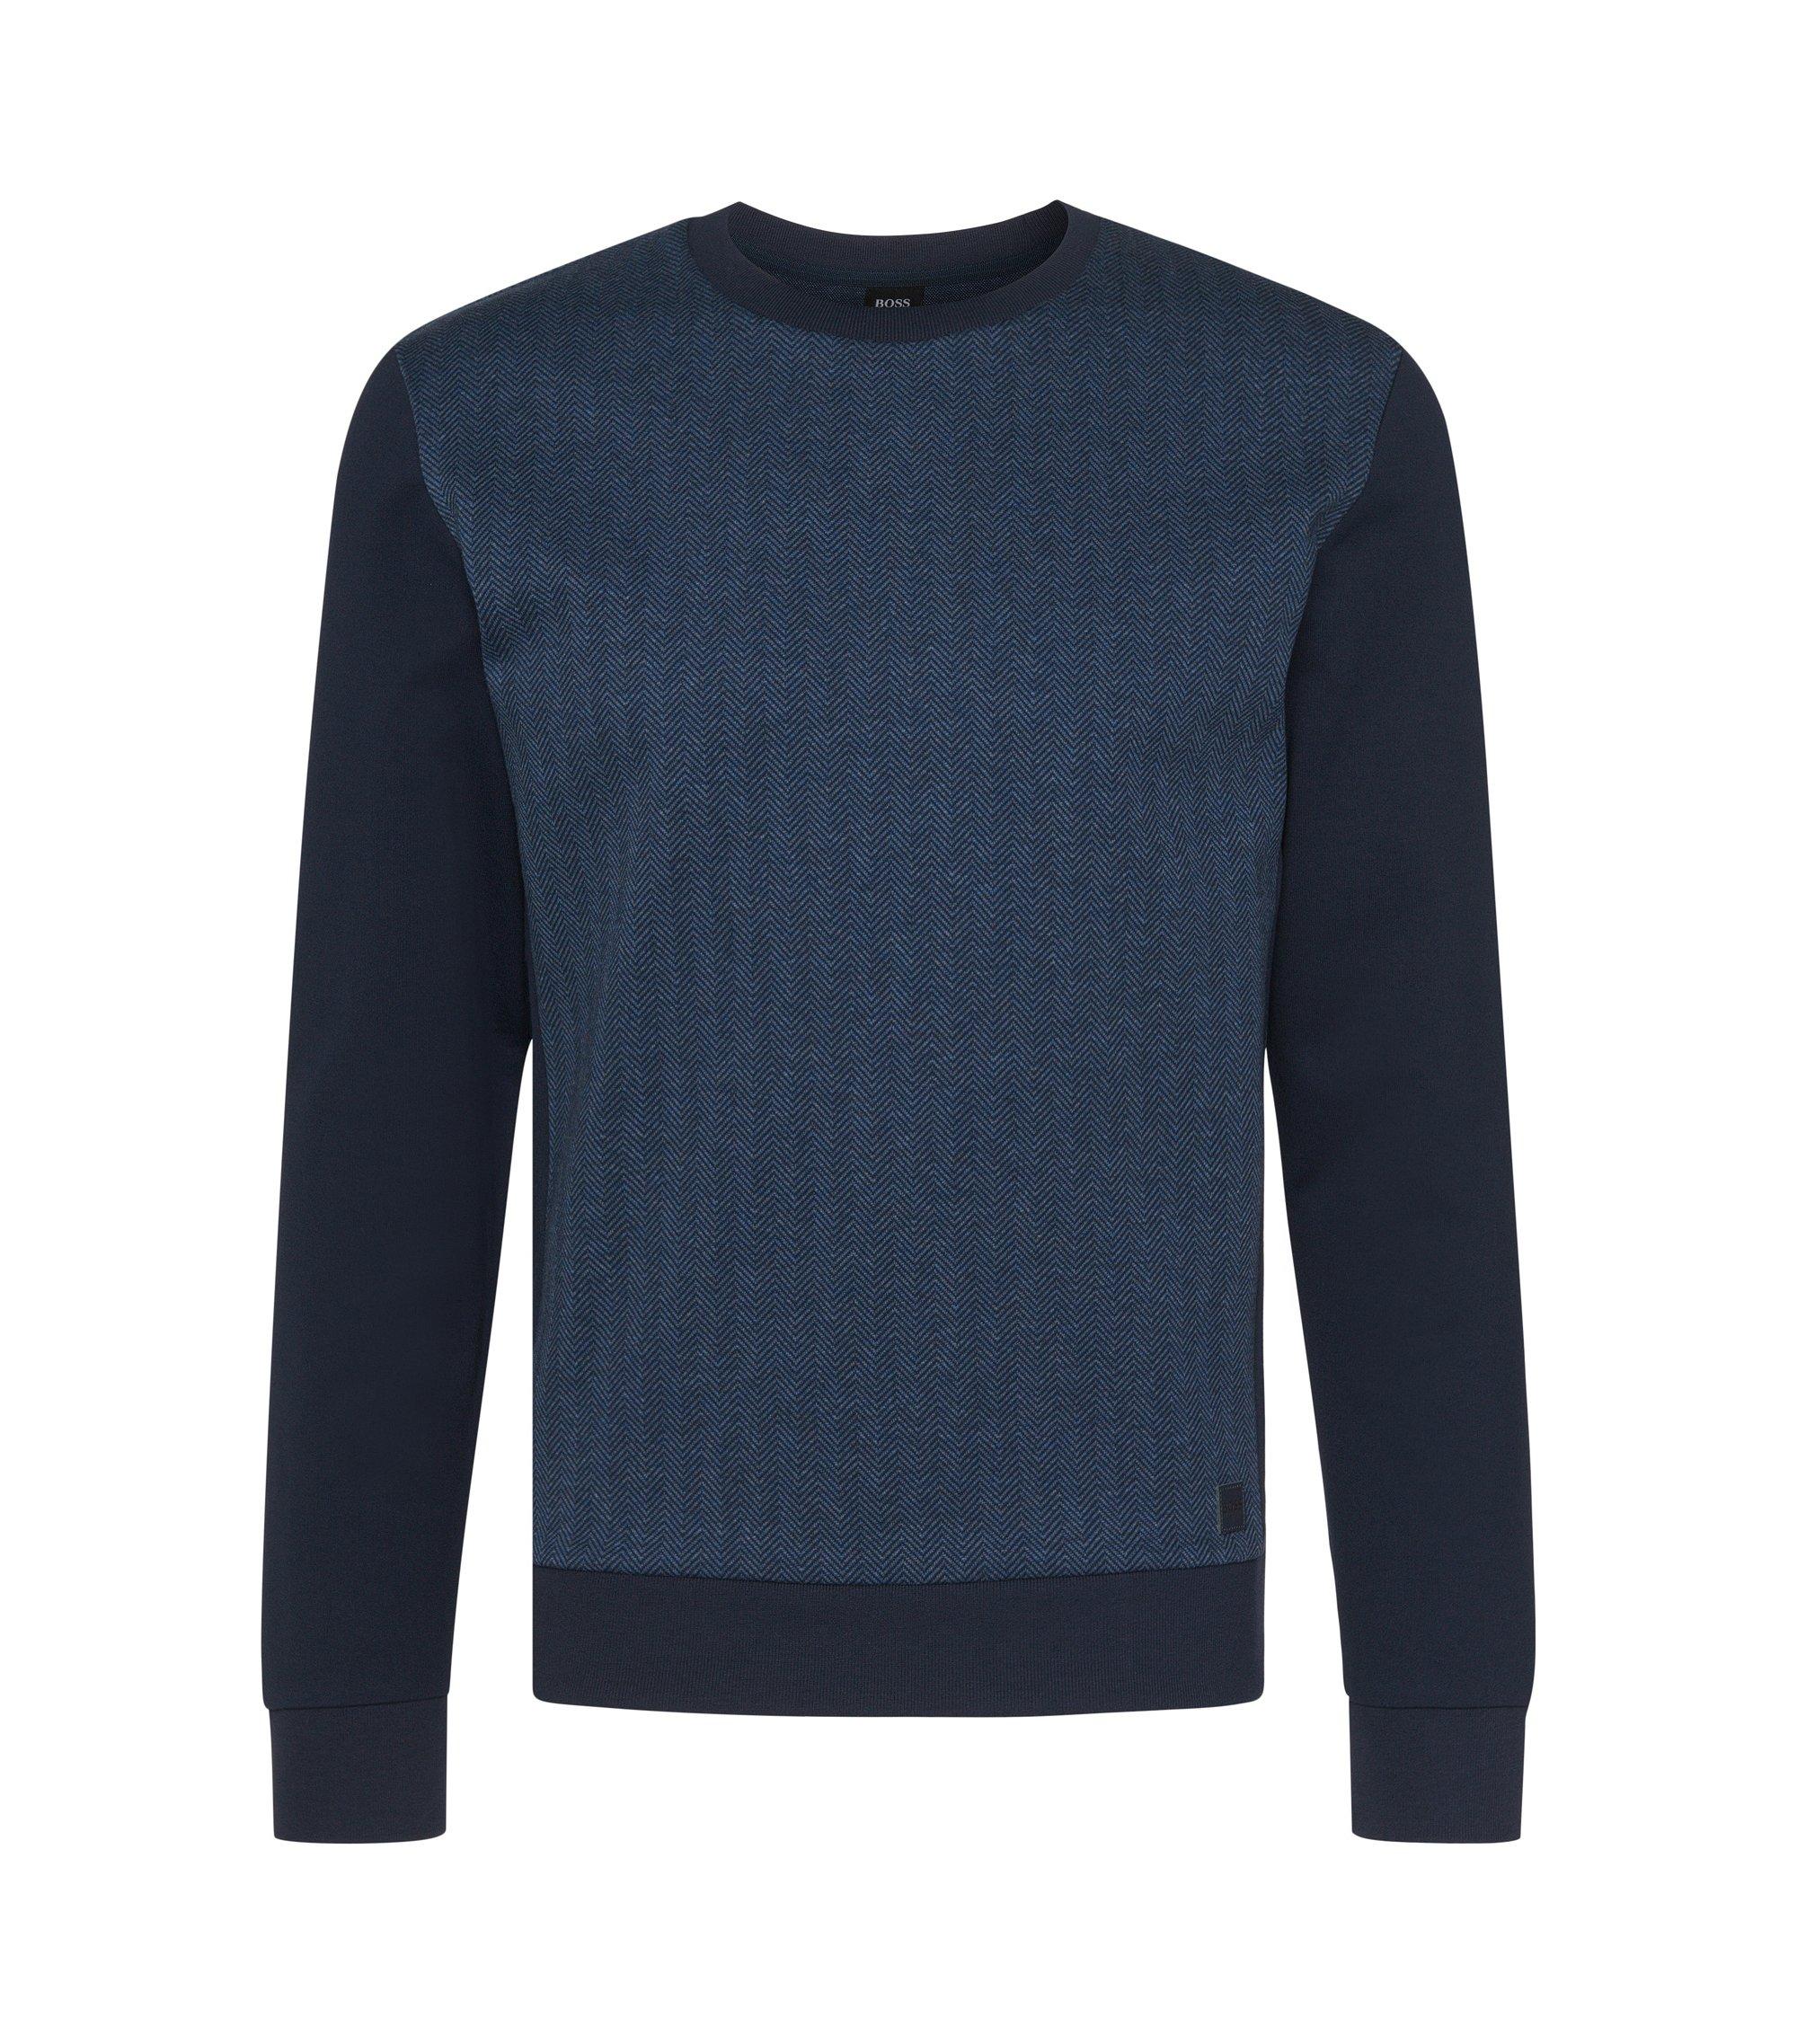 Cotton Herringbone Print Sweatshirt | Sweatshirt, Dark Blue